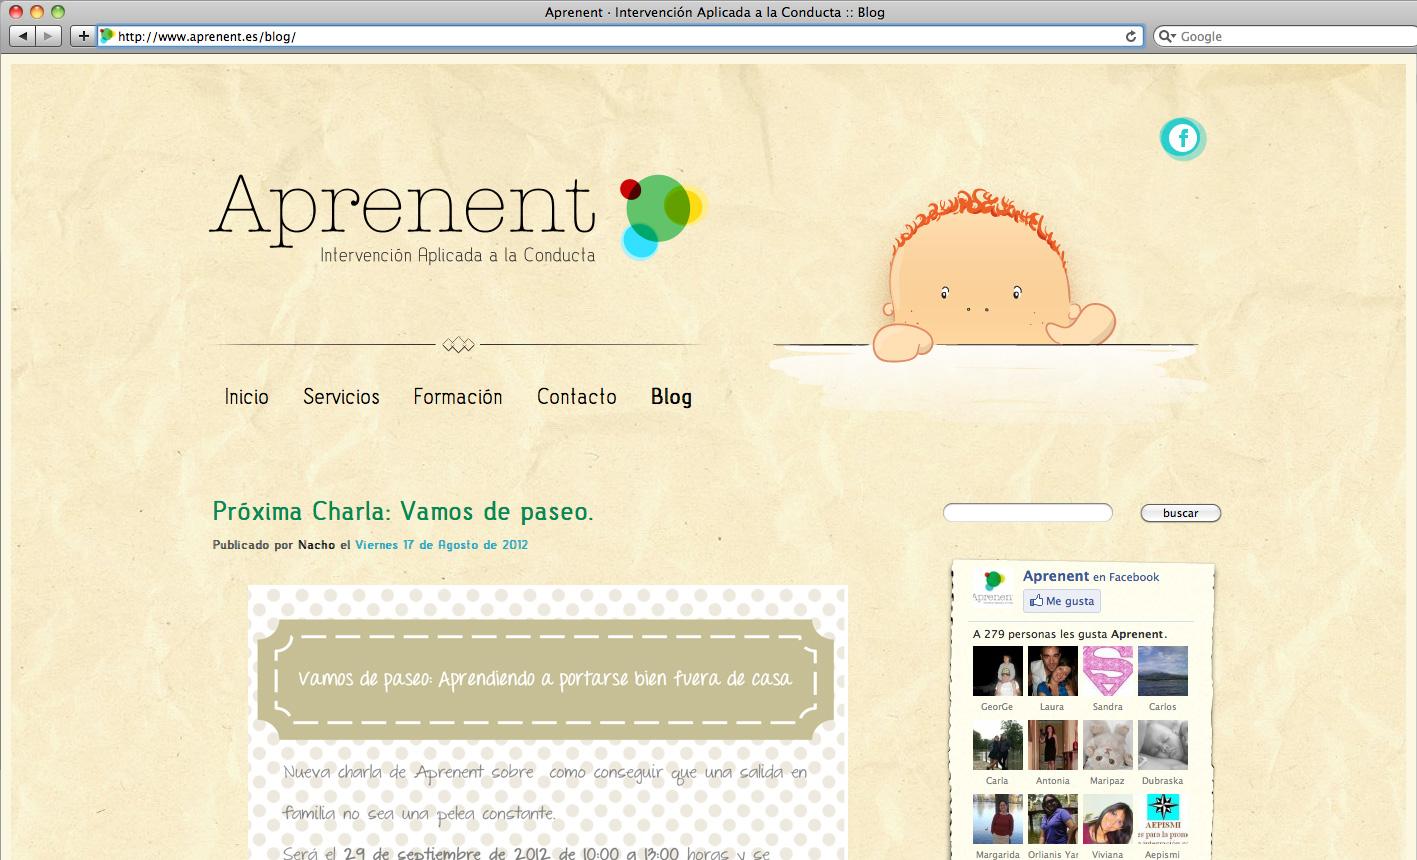 Blog Aprenent